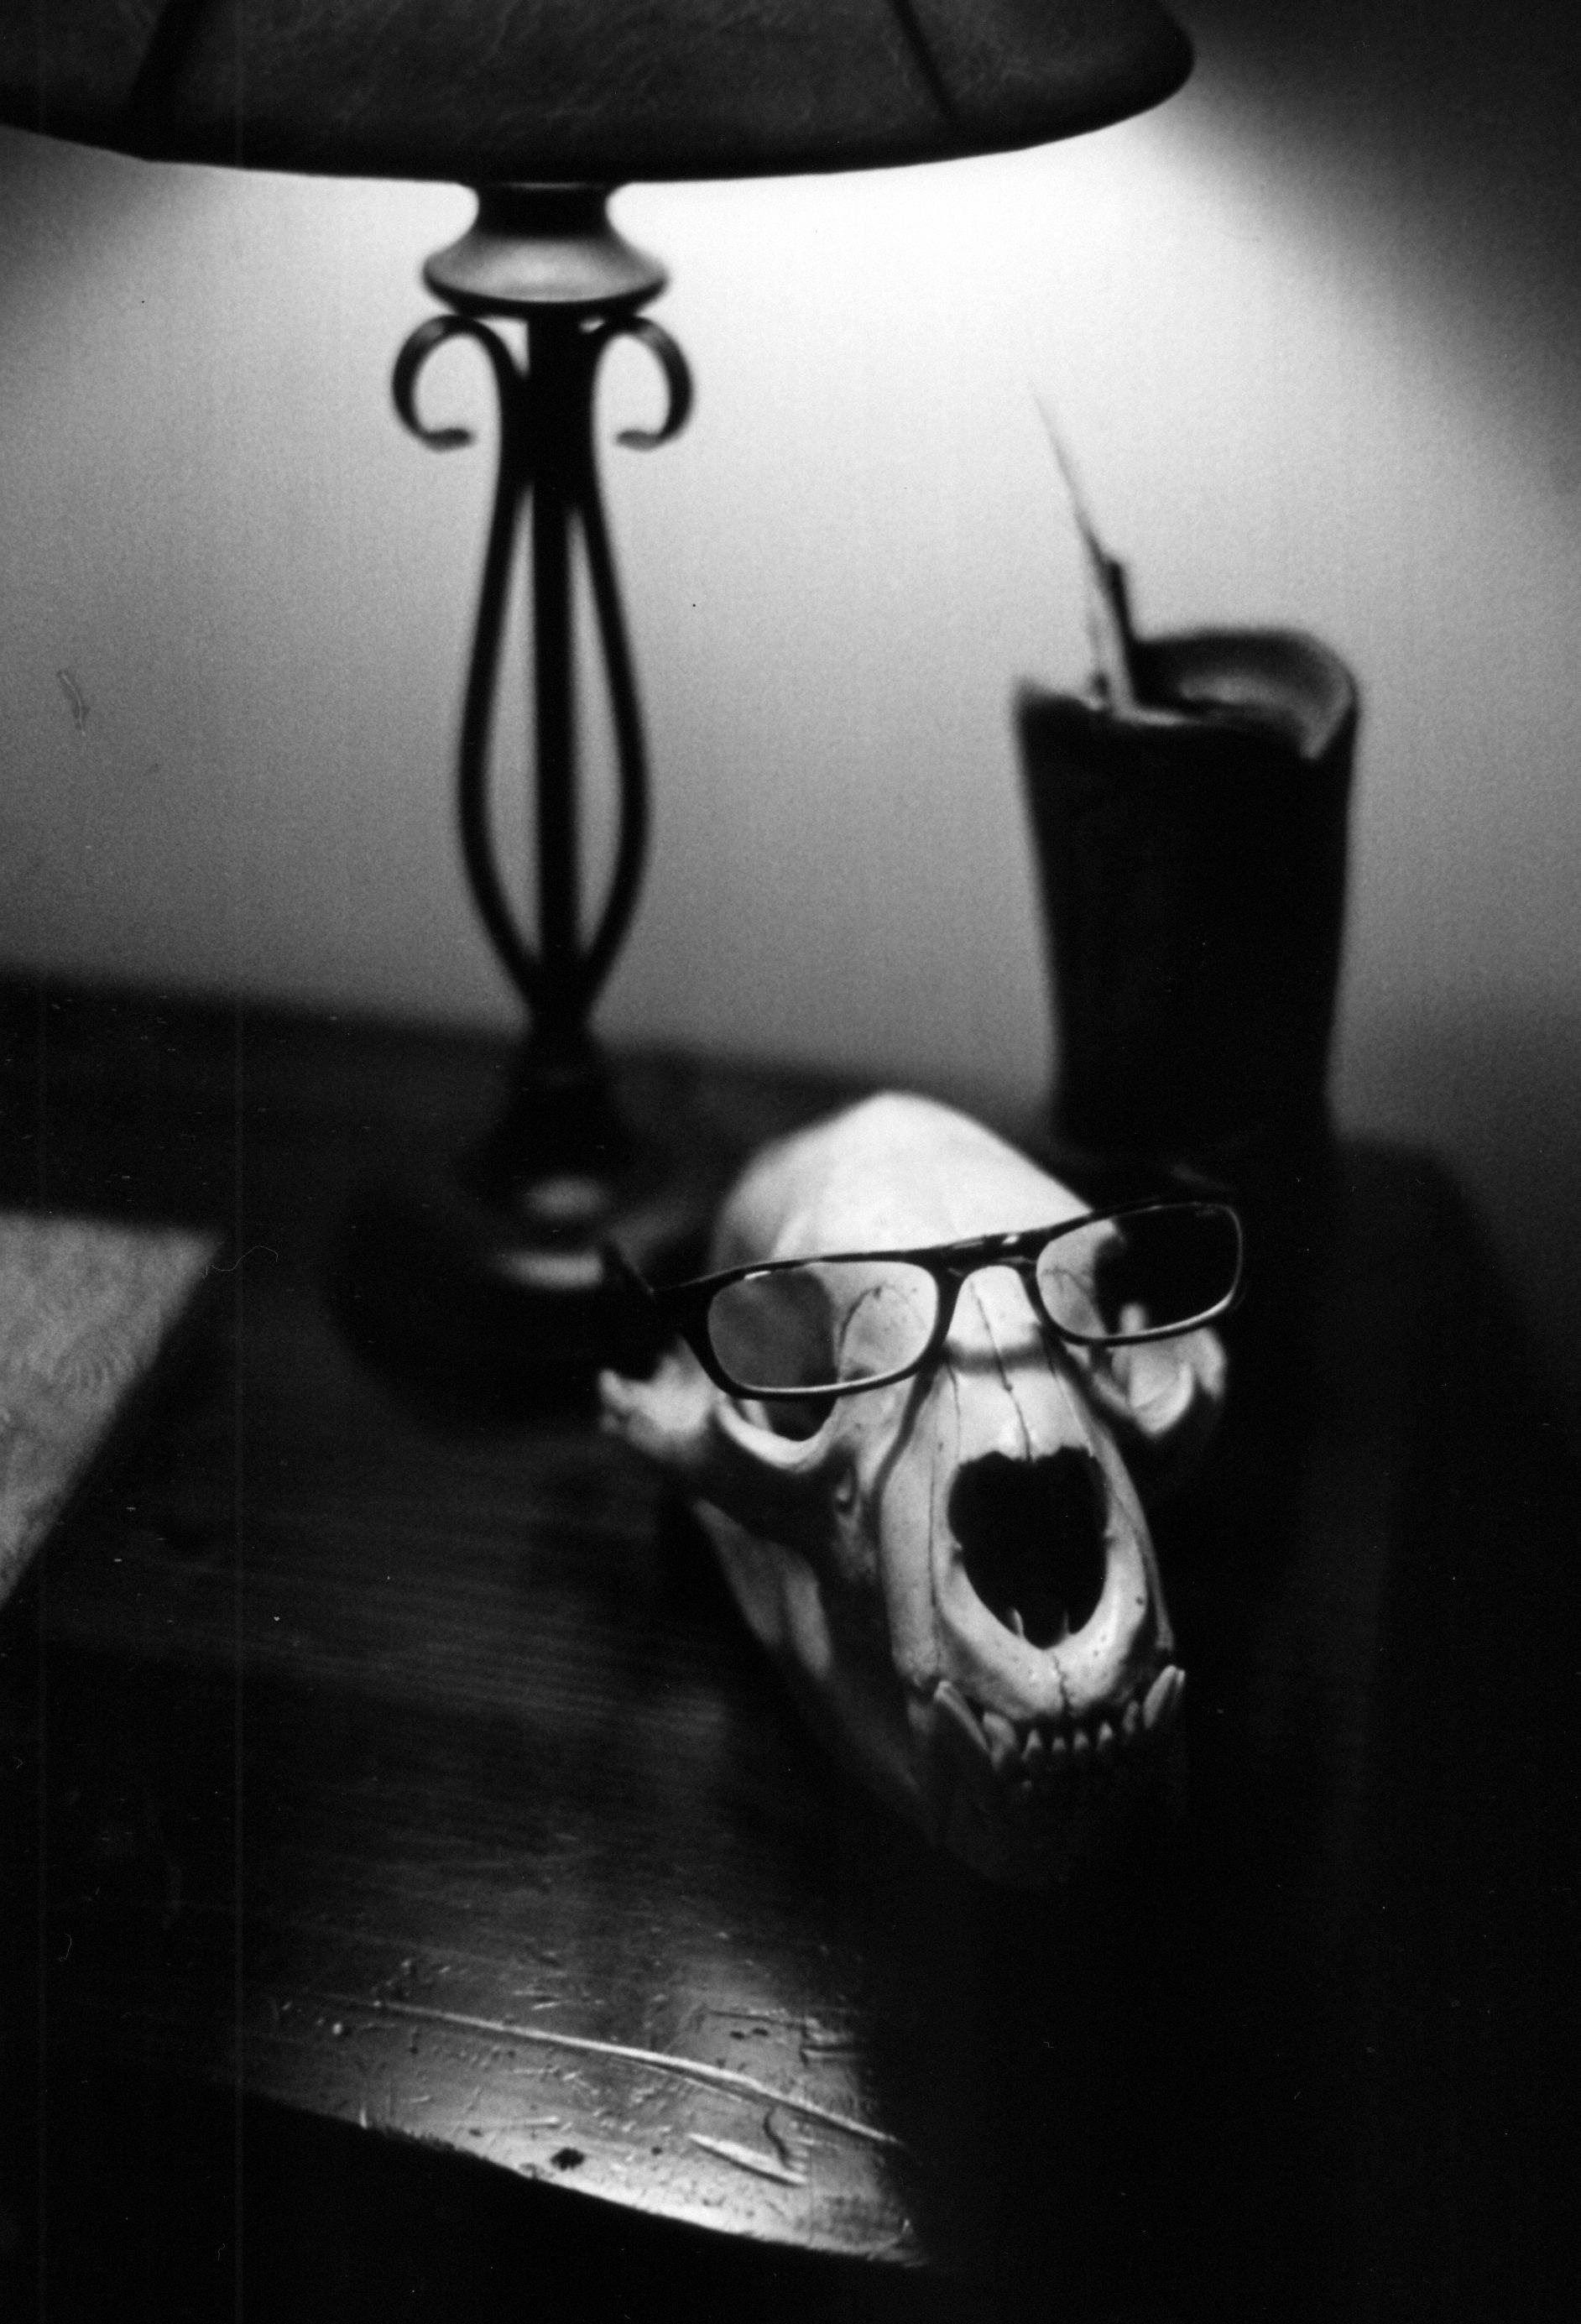 Mike's glasses rest on a bear skull.